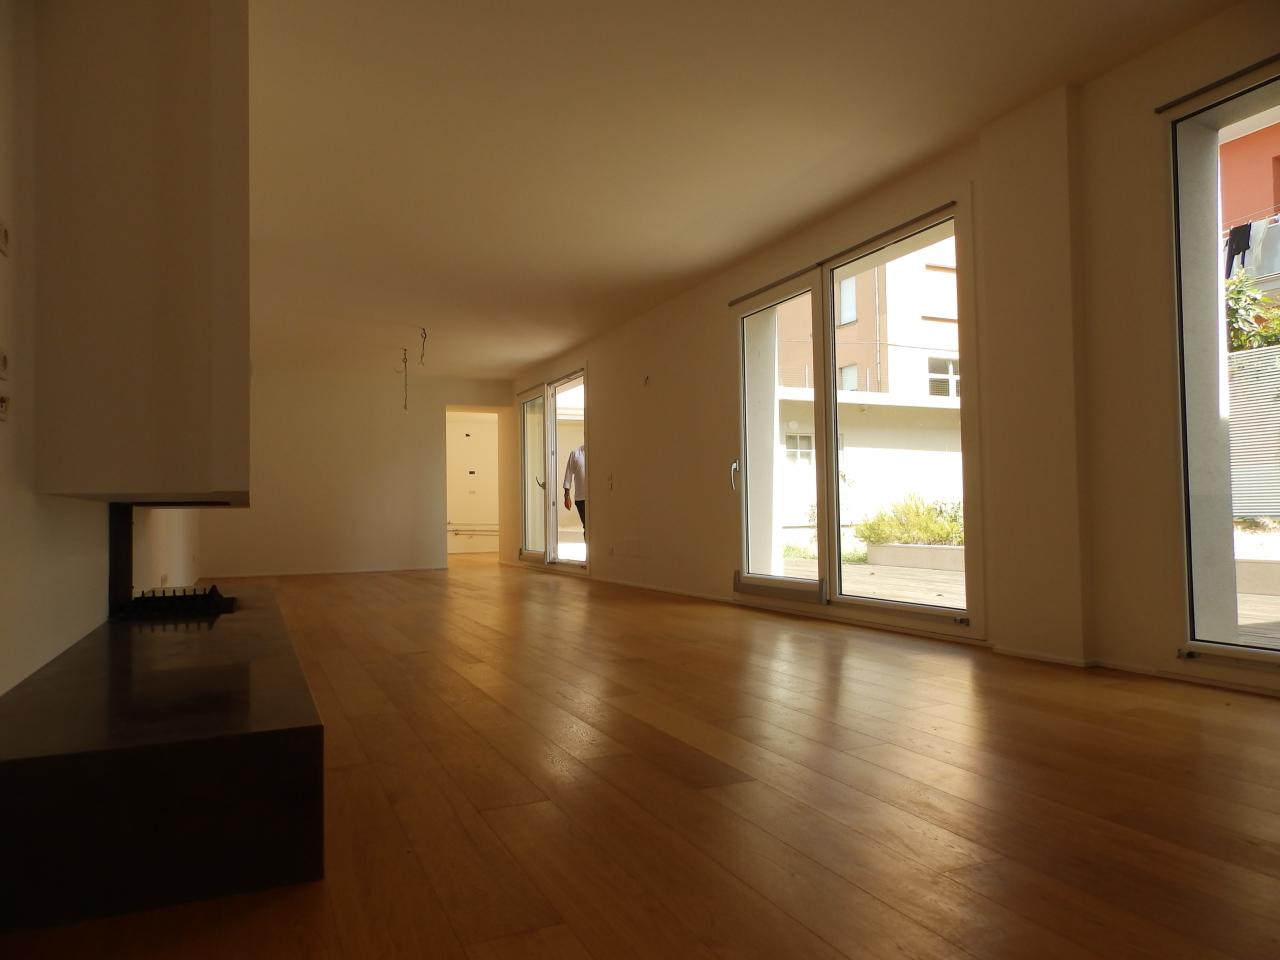 Appartamento in Vendita a Pesaro, zona CENTRO, 276 m², con Box